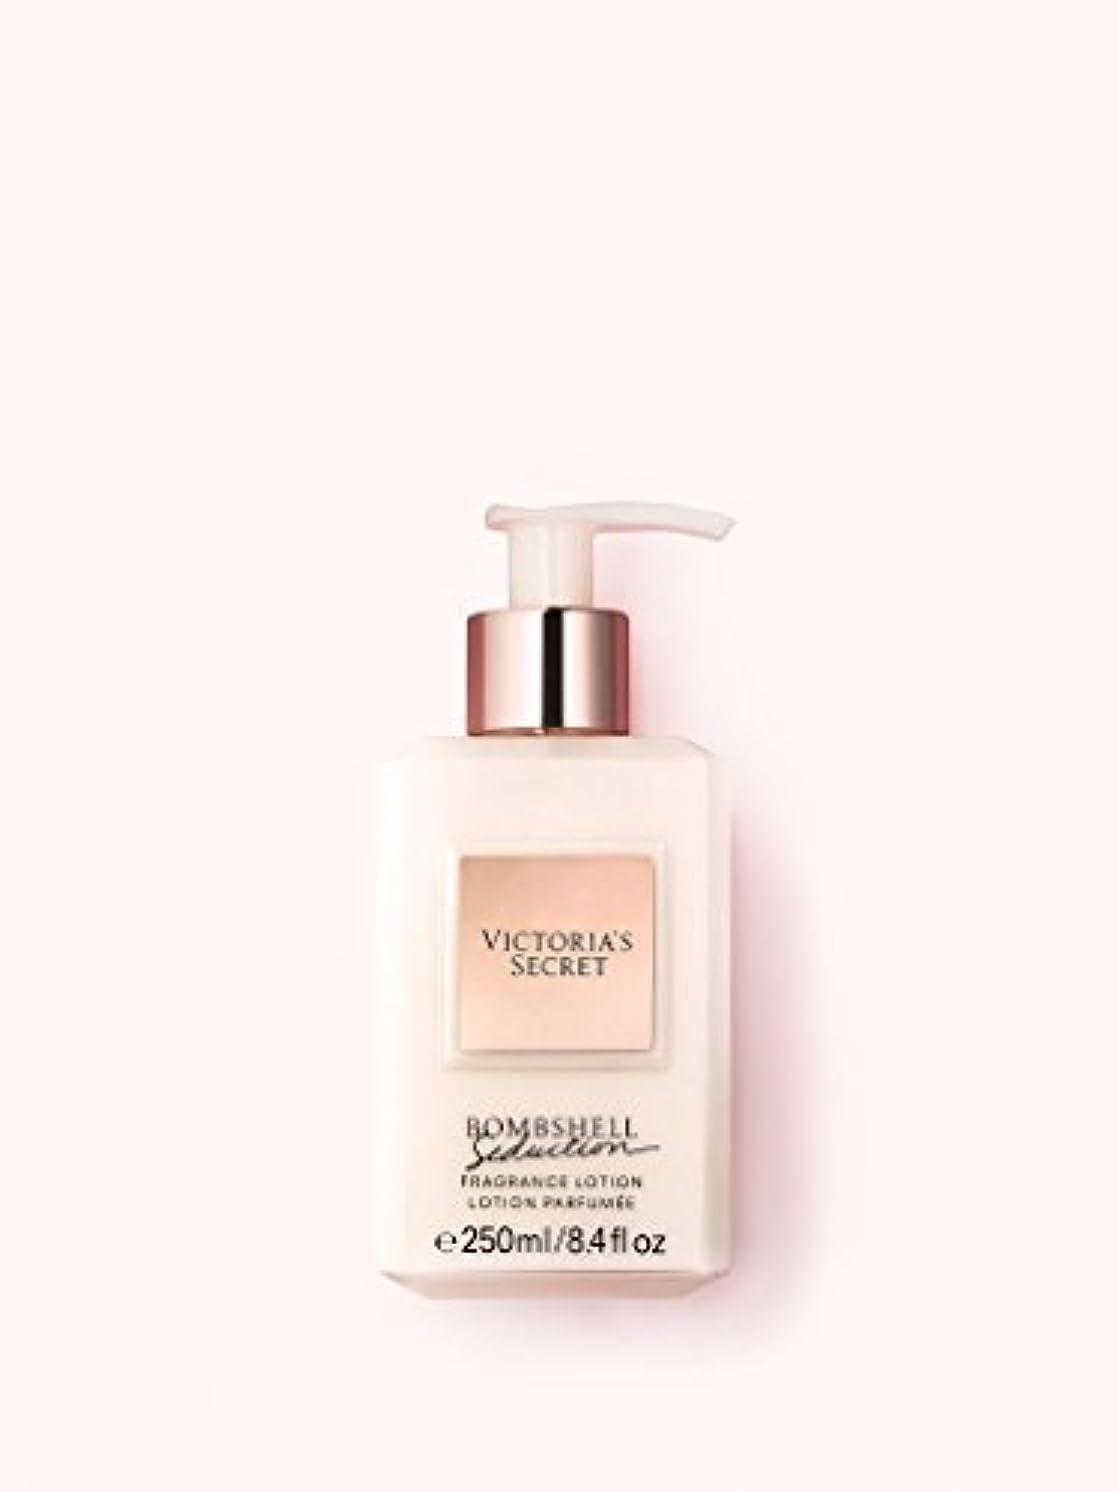 矩形温帯ピンポイント【並行輸入品】Victoria's Secret Bombshell Seduction Fragrance Lotion ヴィクトリアズシークレットボムシェルセダクションローション